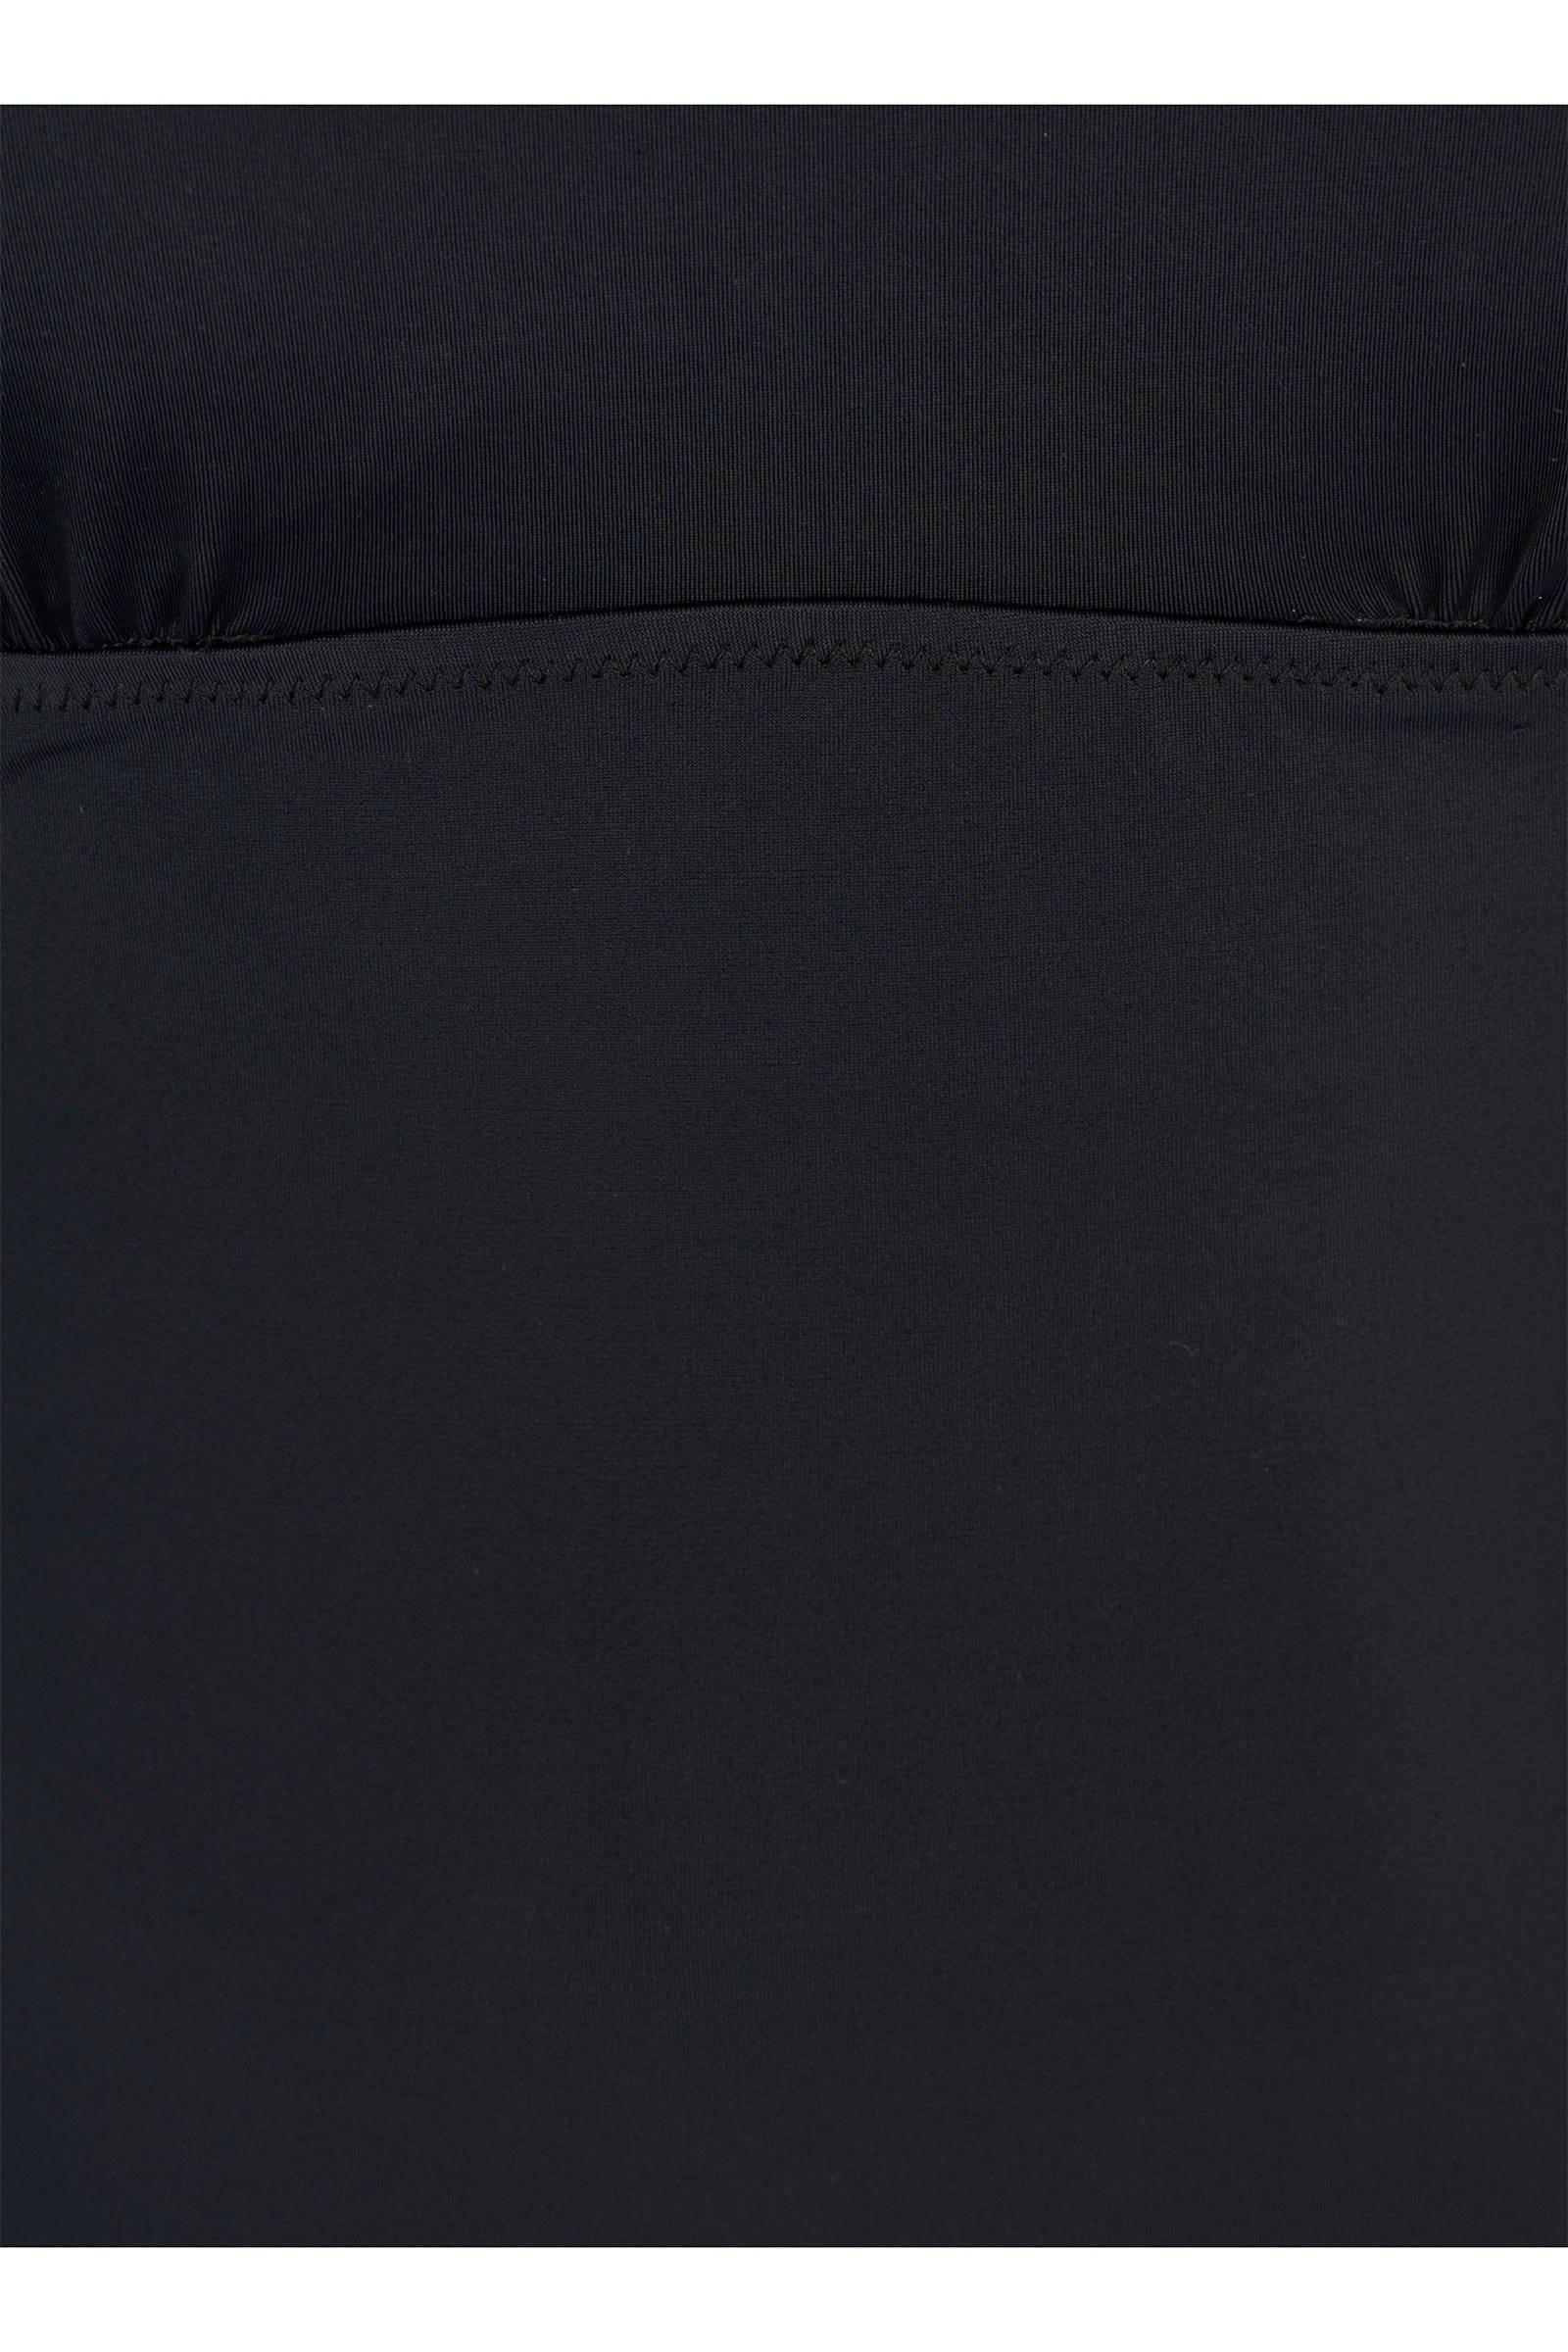 Zizzi bandjes zwart badpak verstelbare met araZxq0